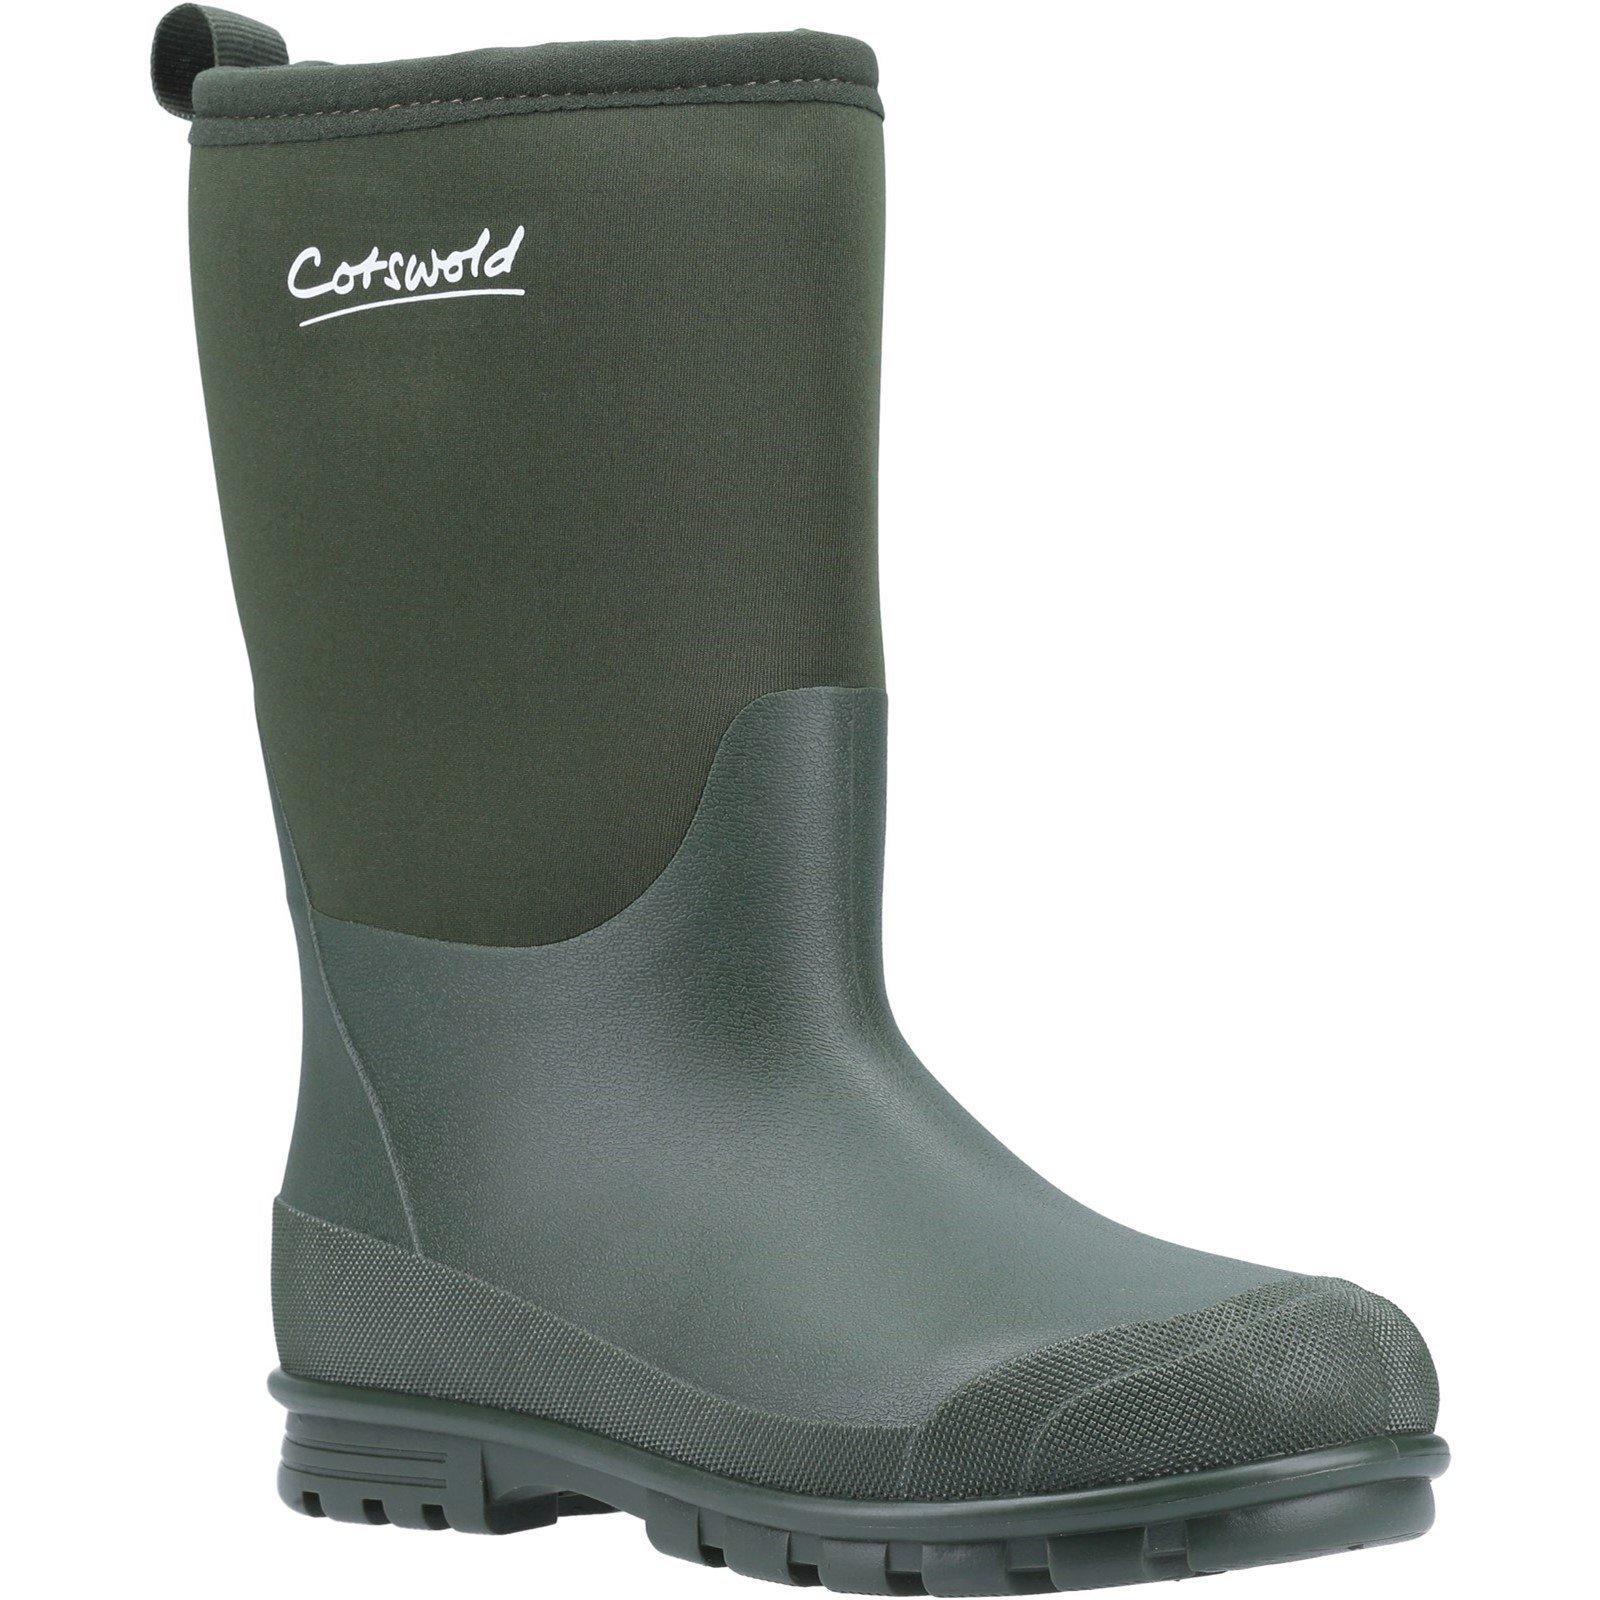 Cotswold Women's Hilly Neoprene Wellington Boot - Green 9